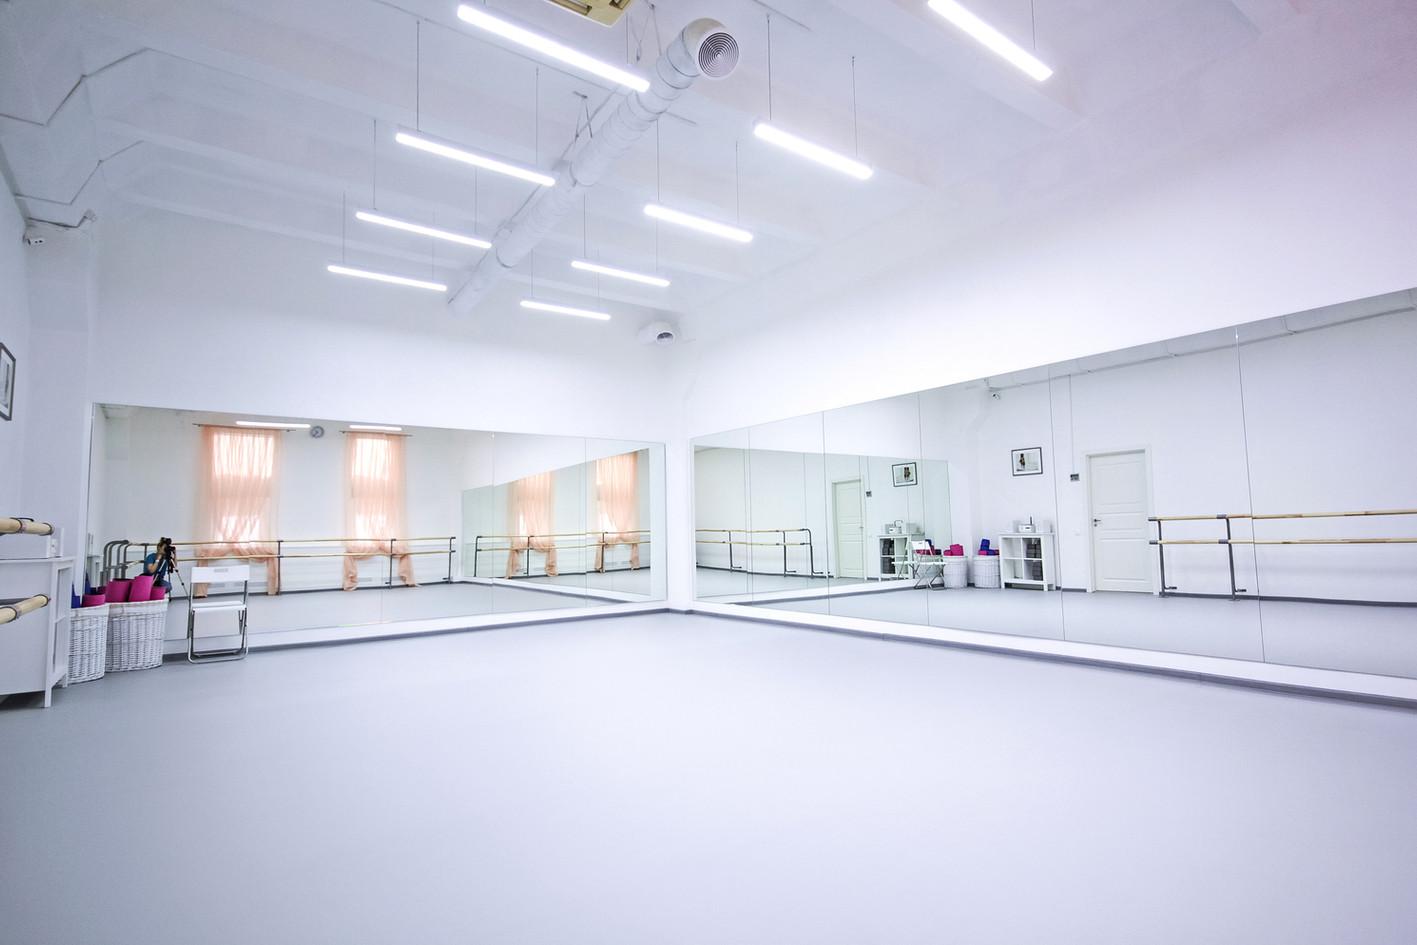 Залы для занятий с профессиональным балетным полом, двухрядными станками, профессиональными зеркалами  освещением